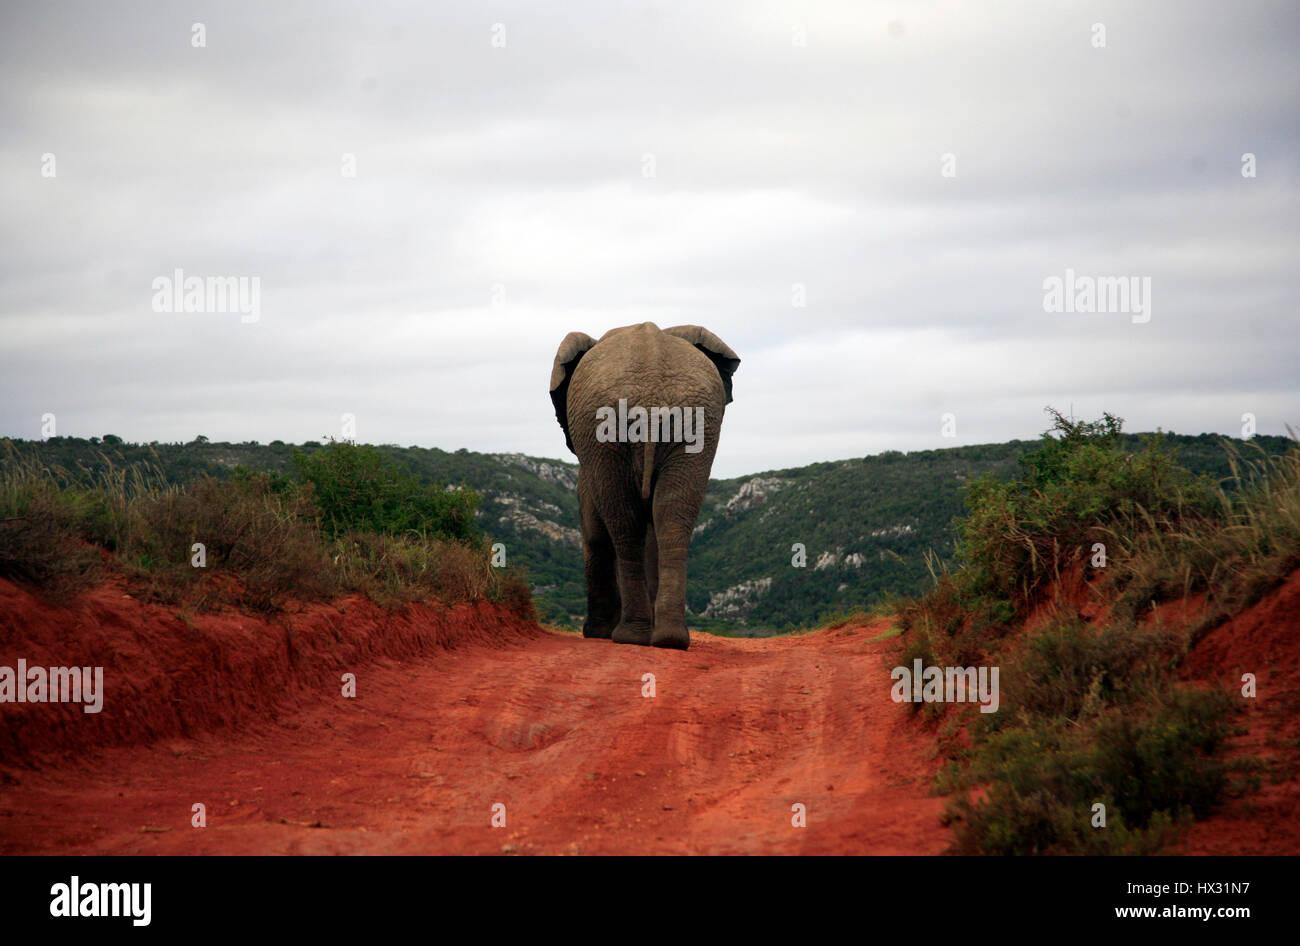 Un elefante camina por una pista, durante un safari en una reserva privada de caza en Sudáfrica, el 19 de marzo de 2017. © John Voos Foto de stock